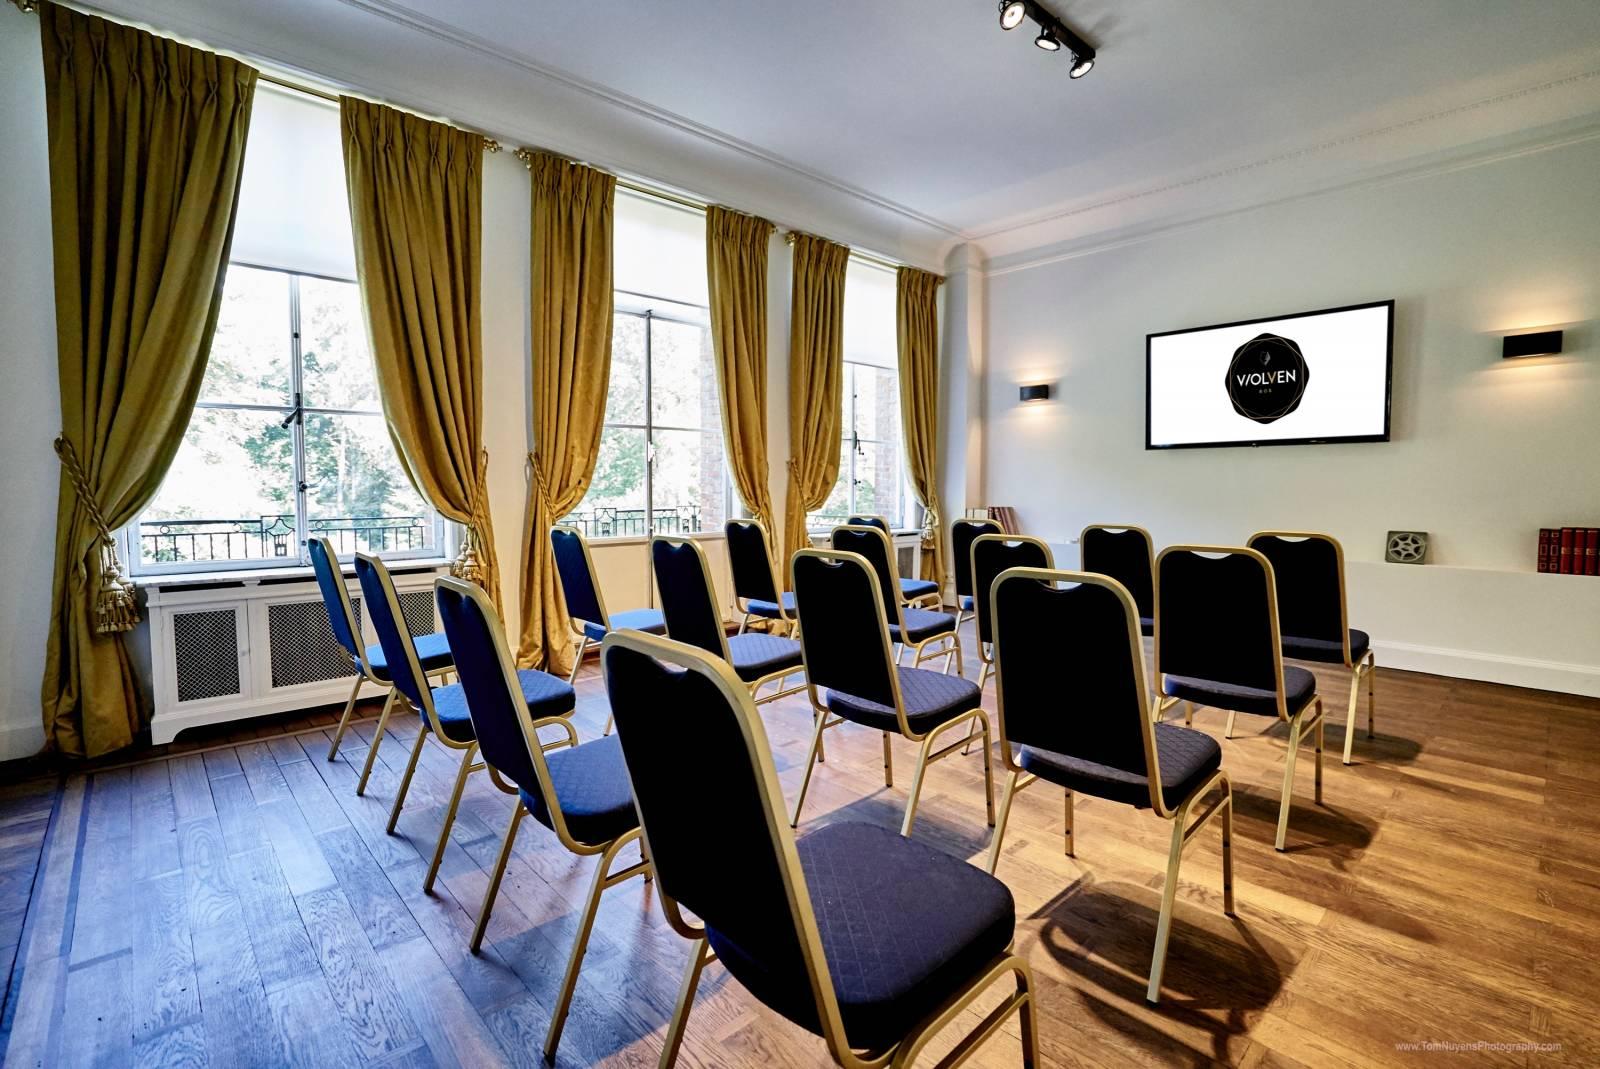 Wolvenbos - Feestzaal - Feestlocatie - Kapellen (Antwerpen) - House of Events - 19